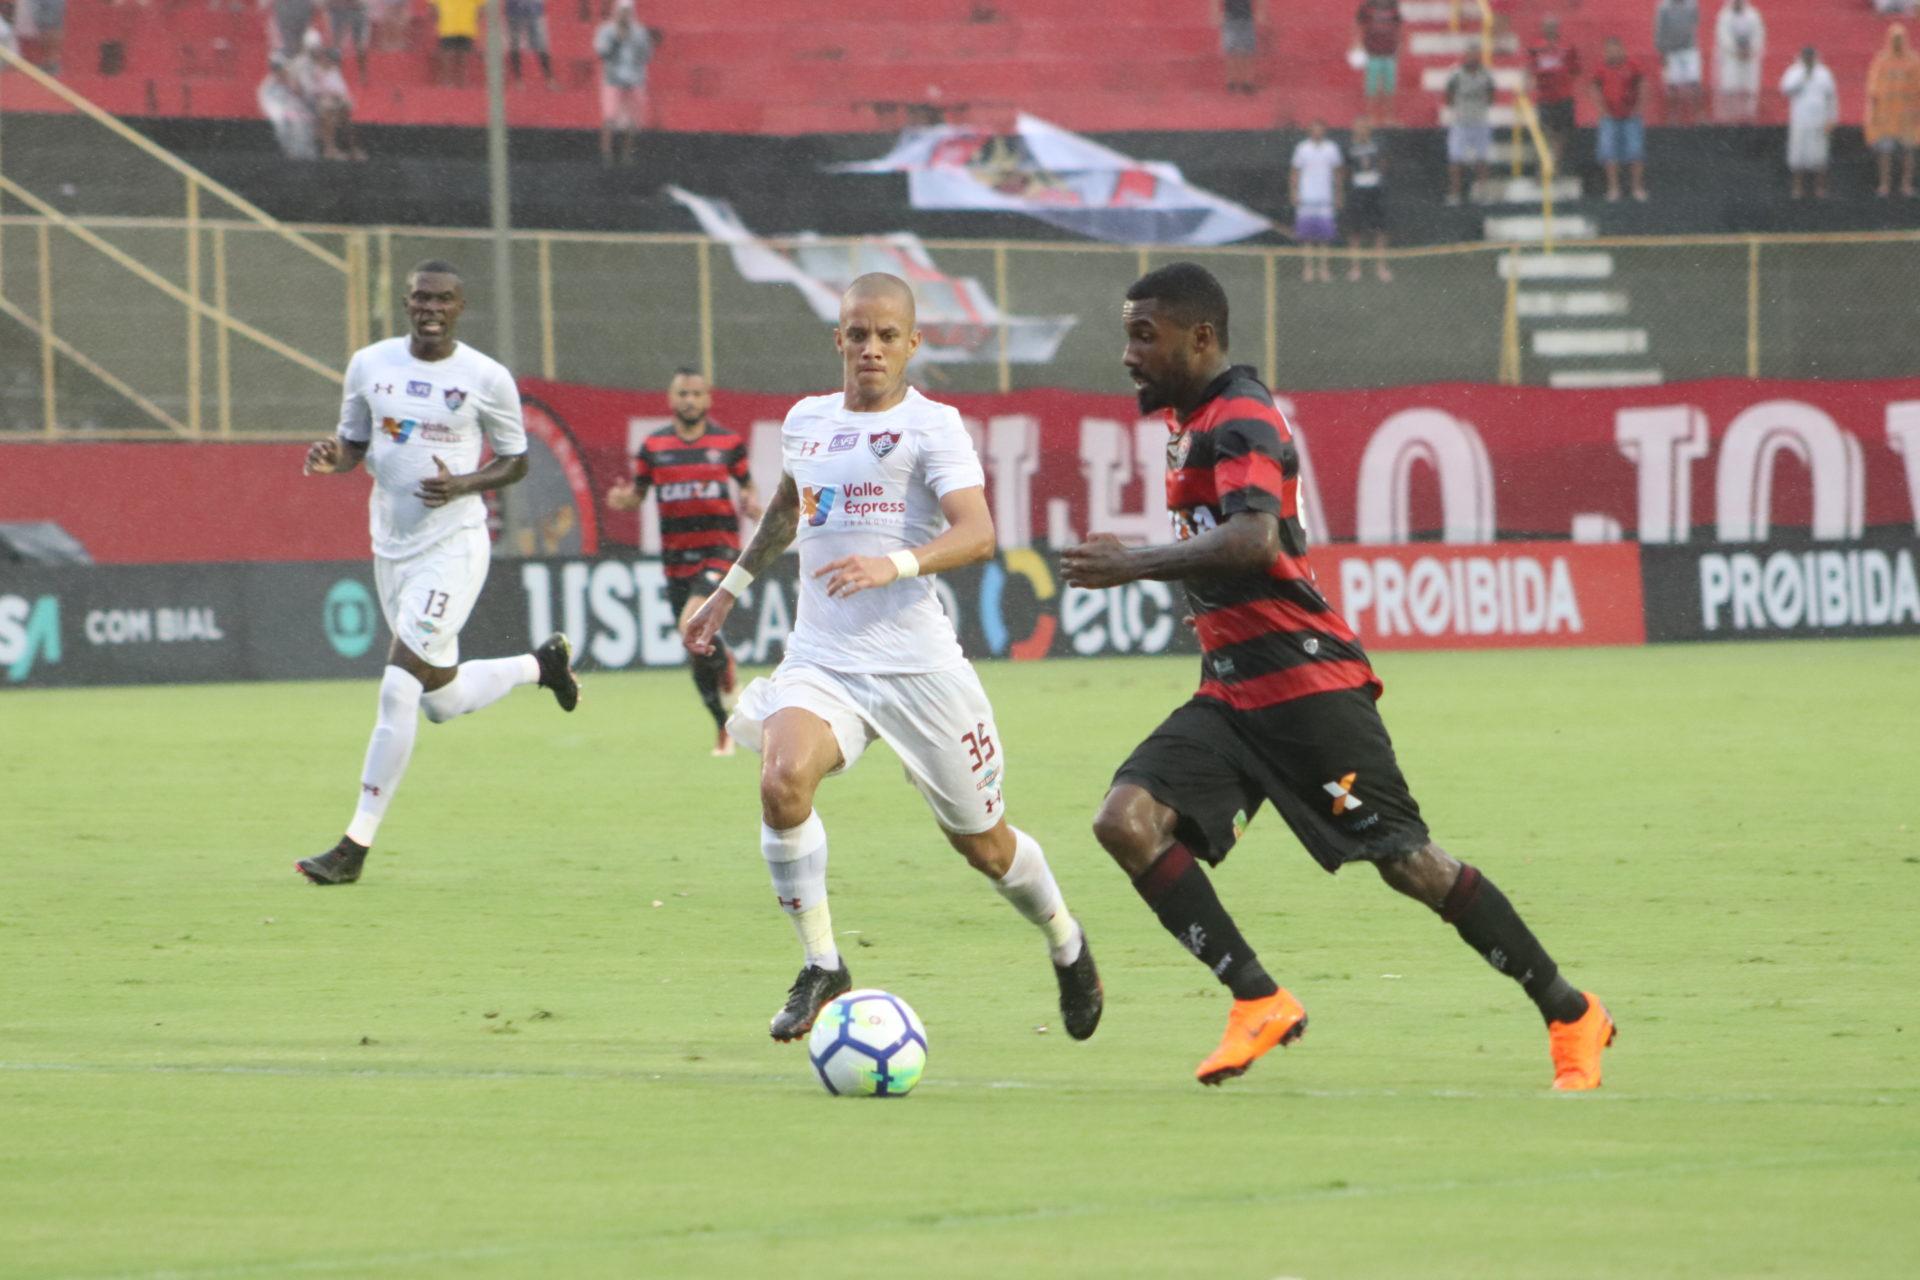 Jhonny Lucas, volante de qualidade do Paraná, marcou o gol de honra.